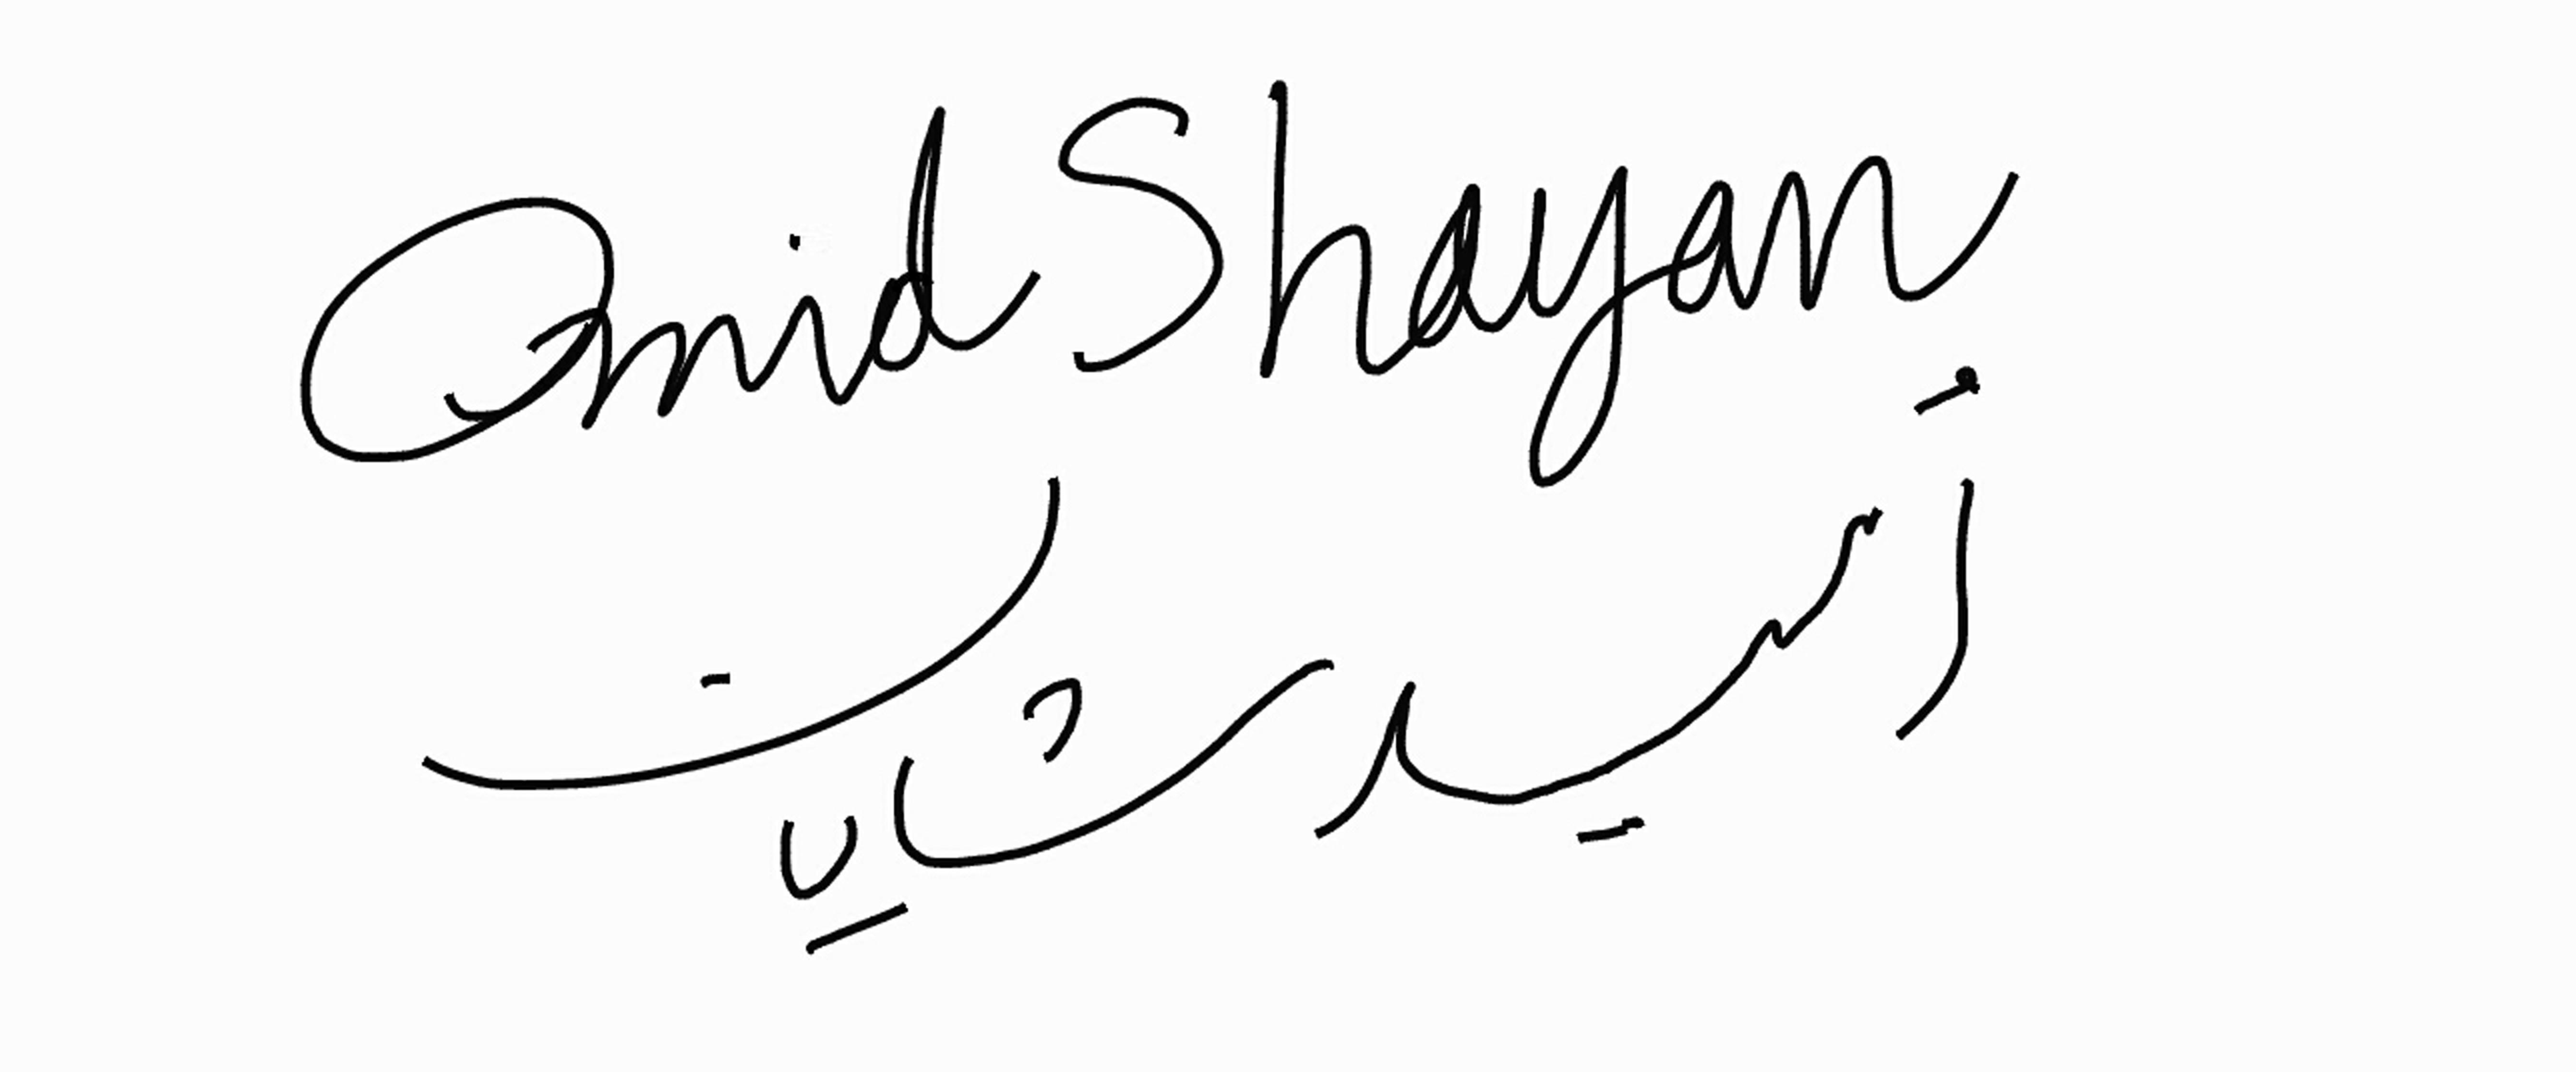 Omid Shayan Signature